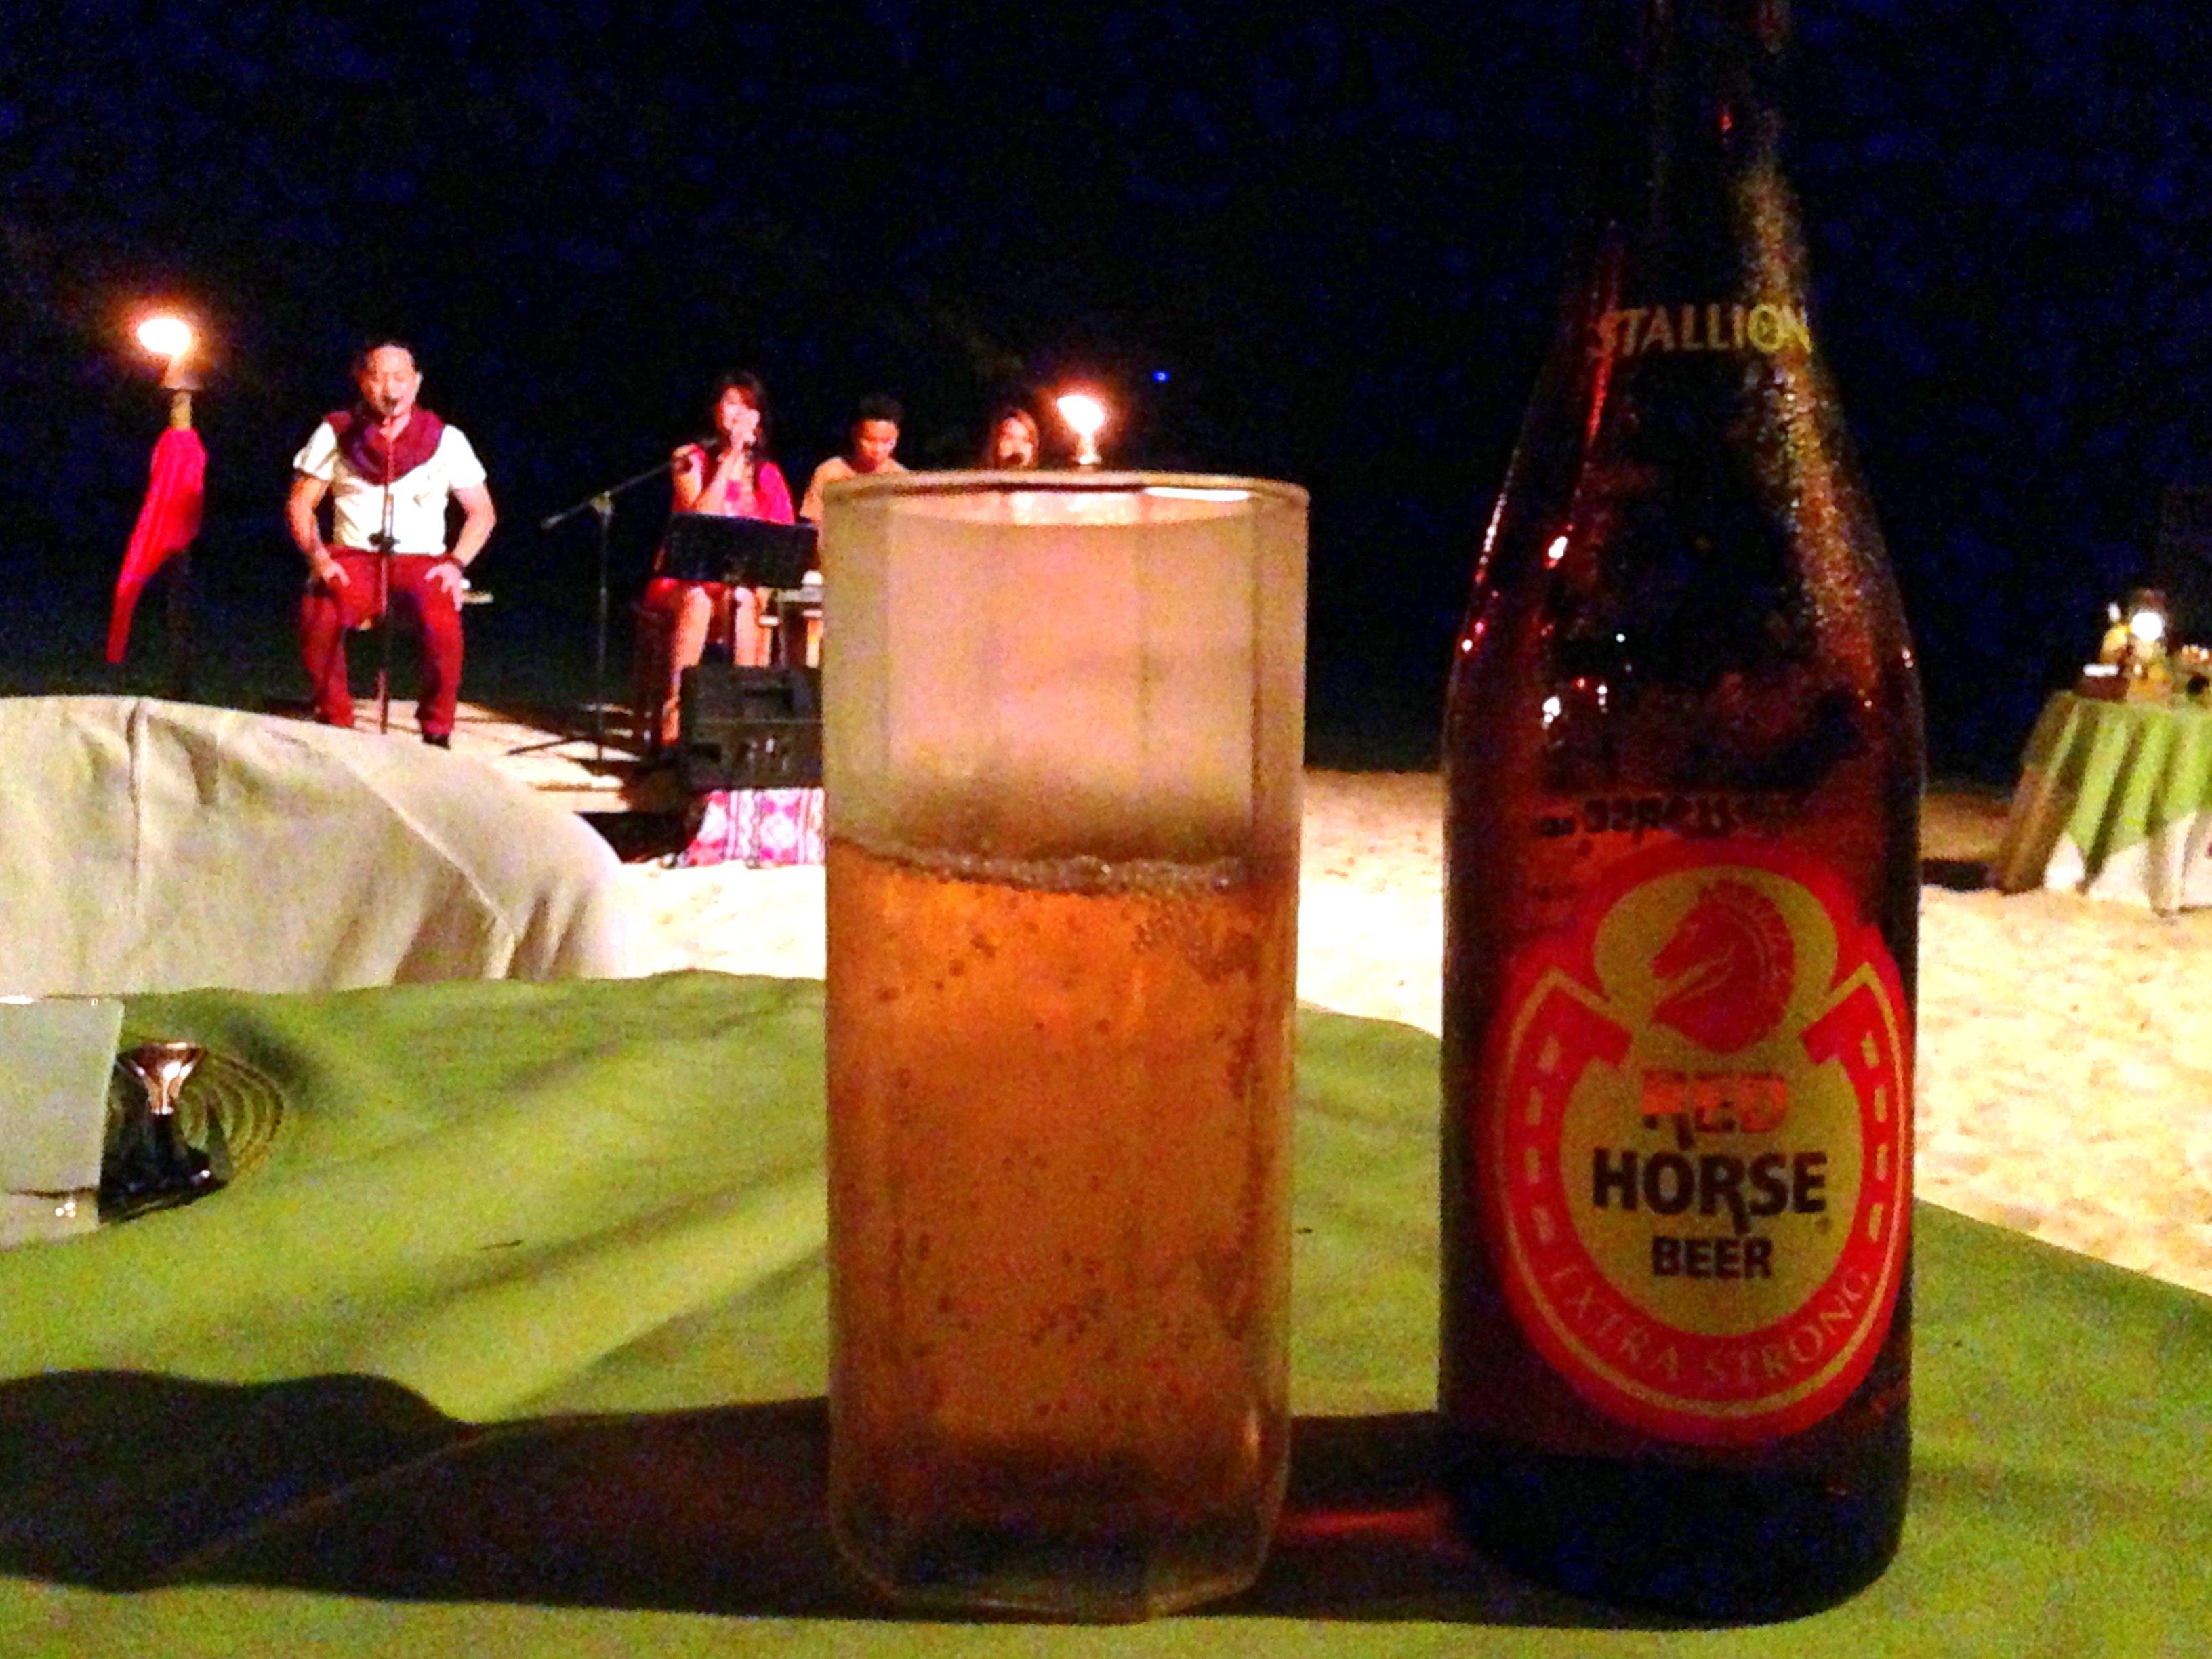 Une bière Red Horse sur une plage des Philippines